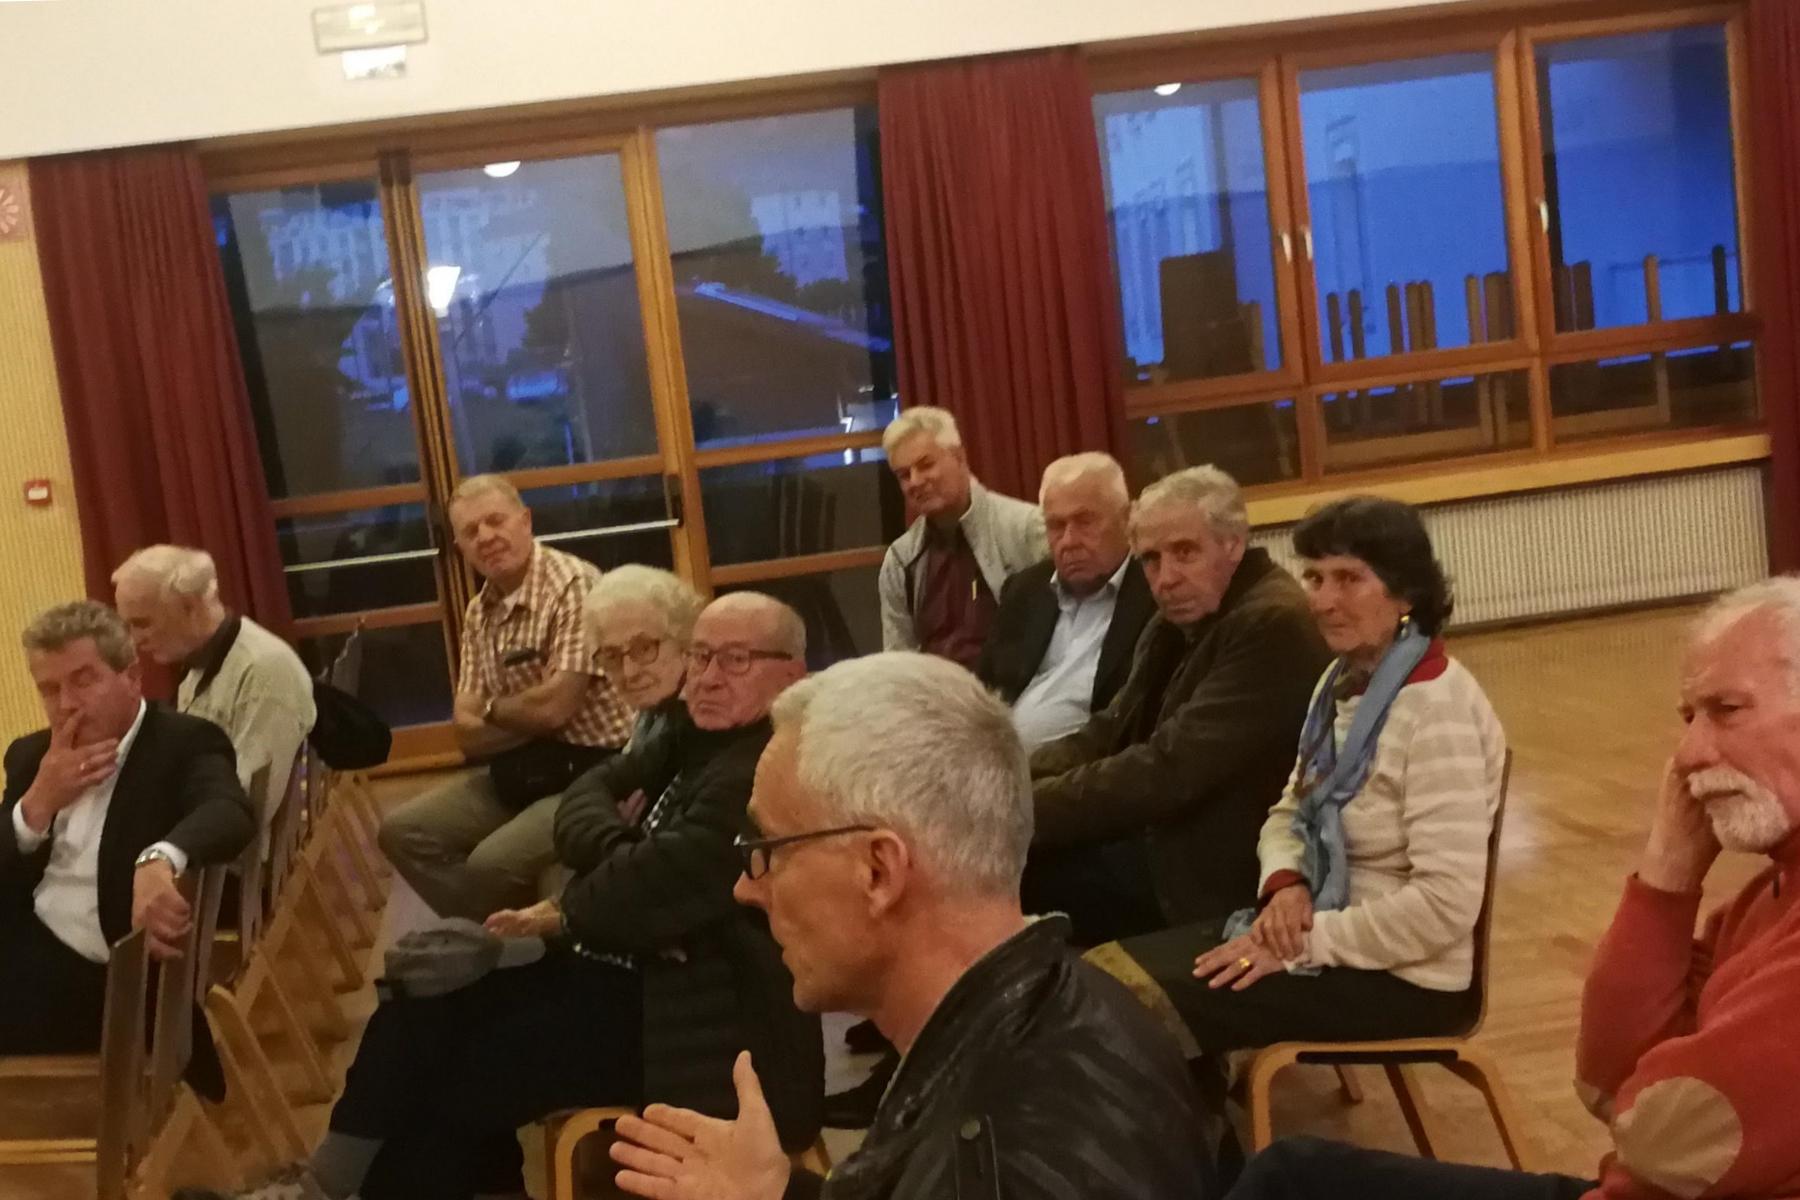 Grieser diskutieren über ungelöstes Verkehrsproblem und die Zukunft des Kulturheimes